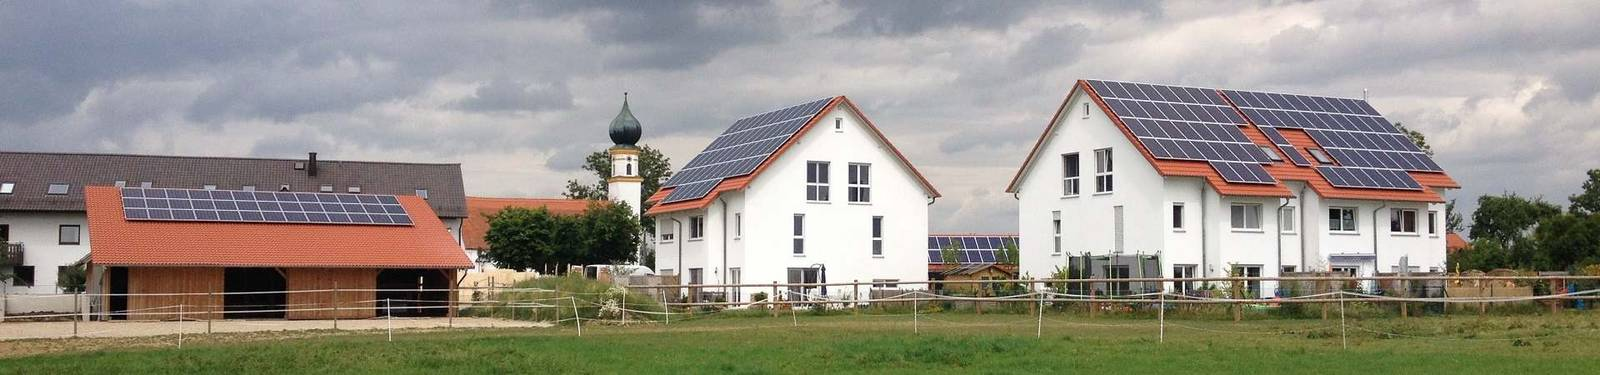 photovoltaik wolfrathausen